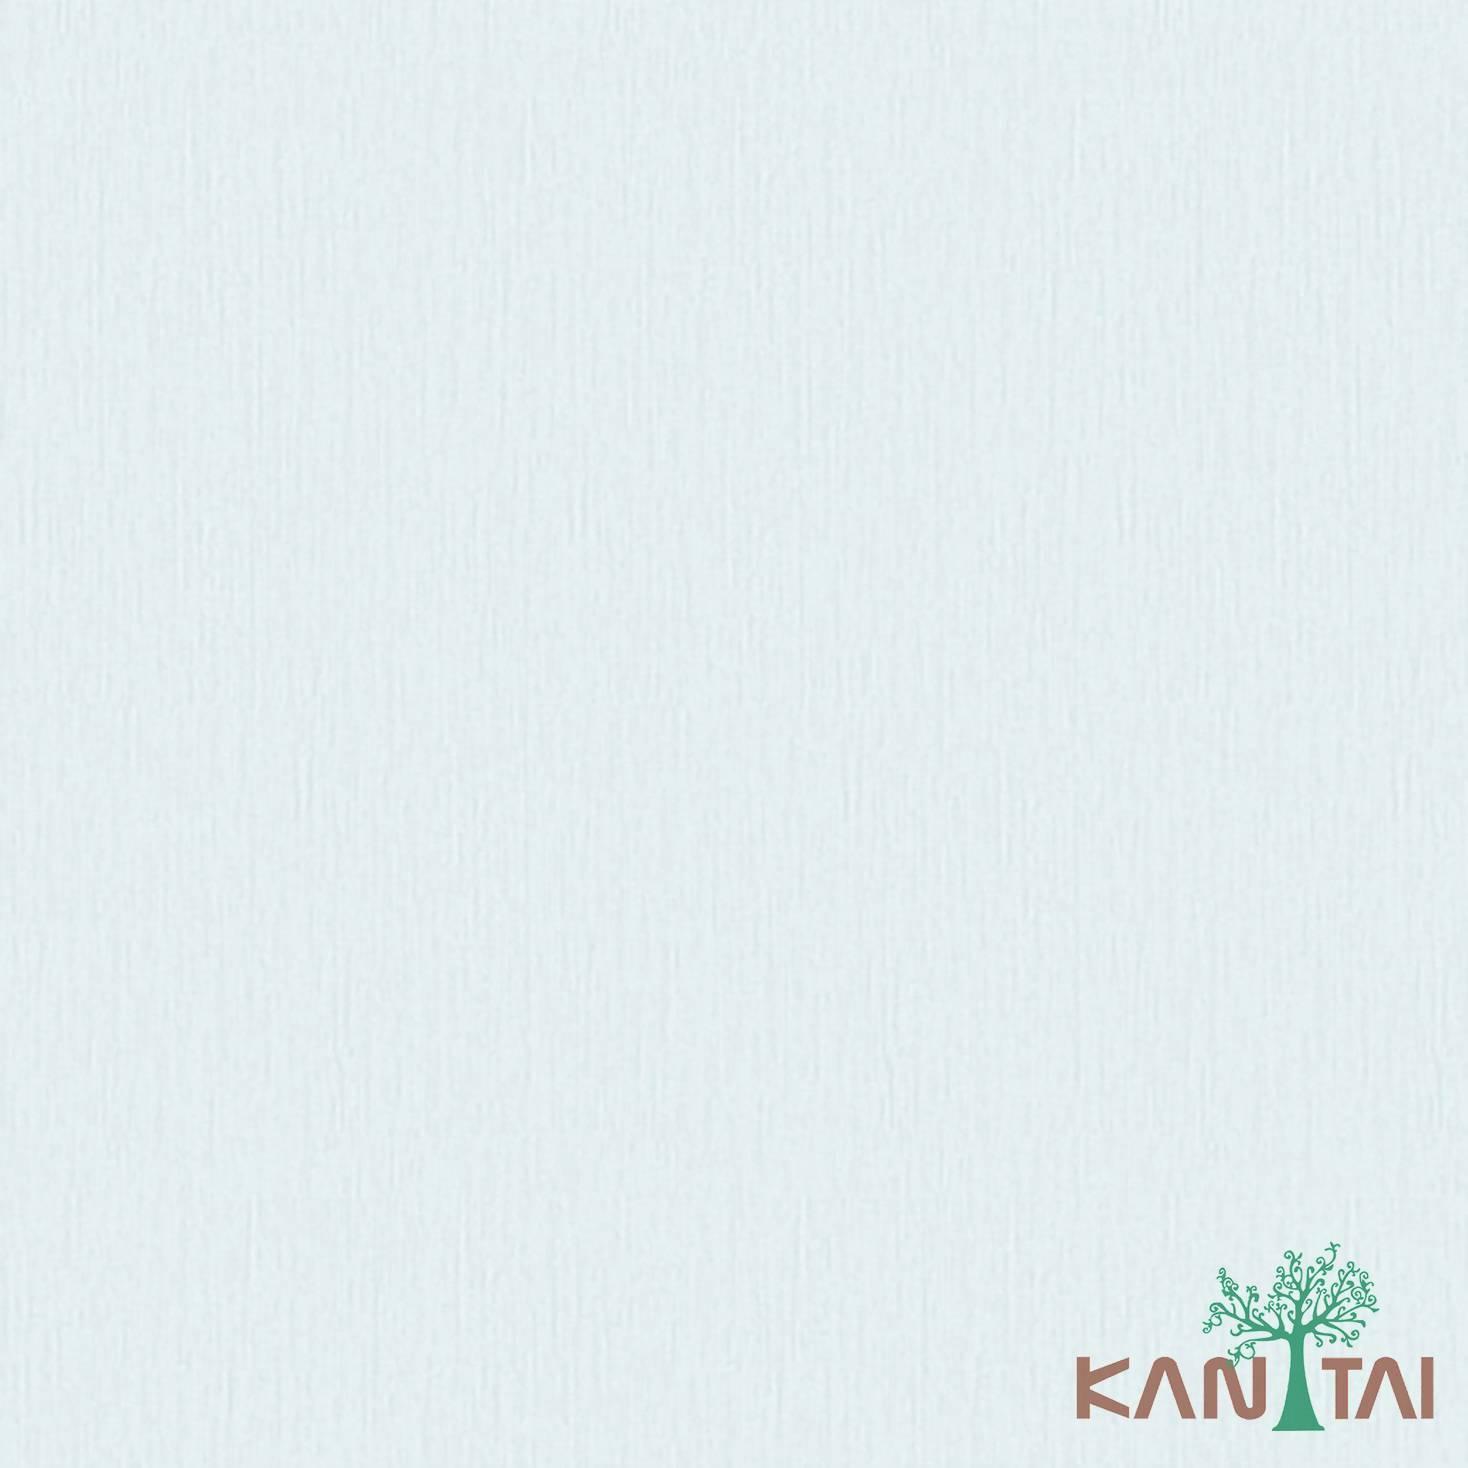 Papel de Parede Vinílico kantai Element 901 imagem 1